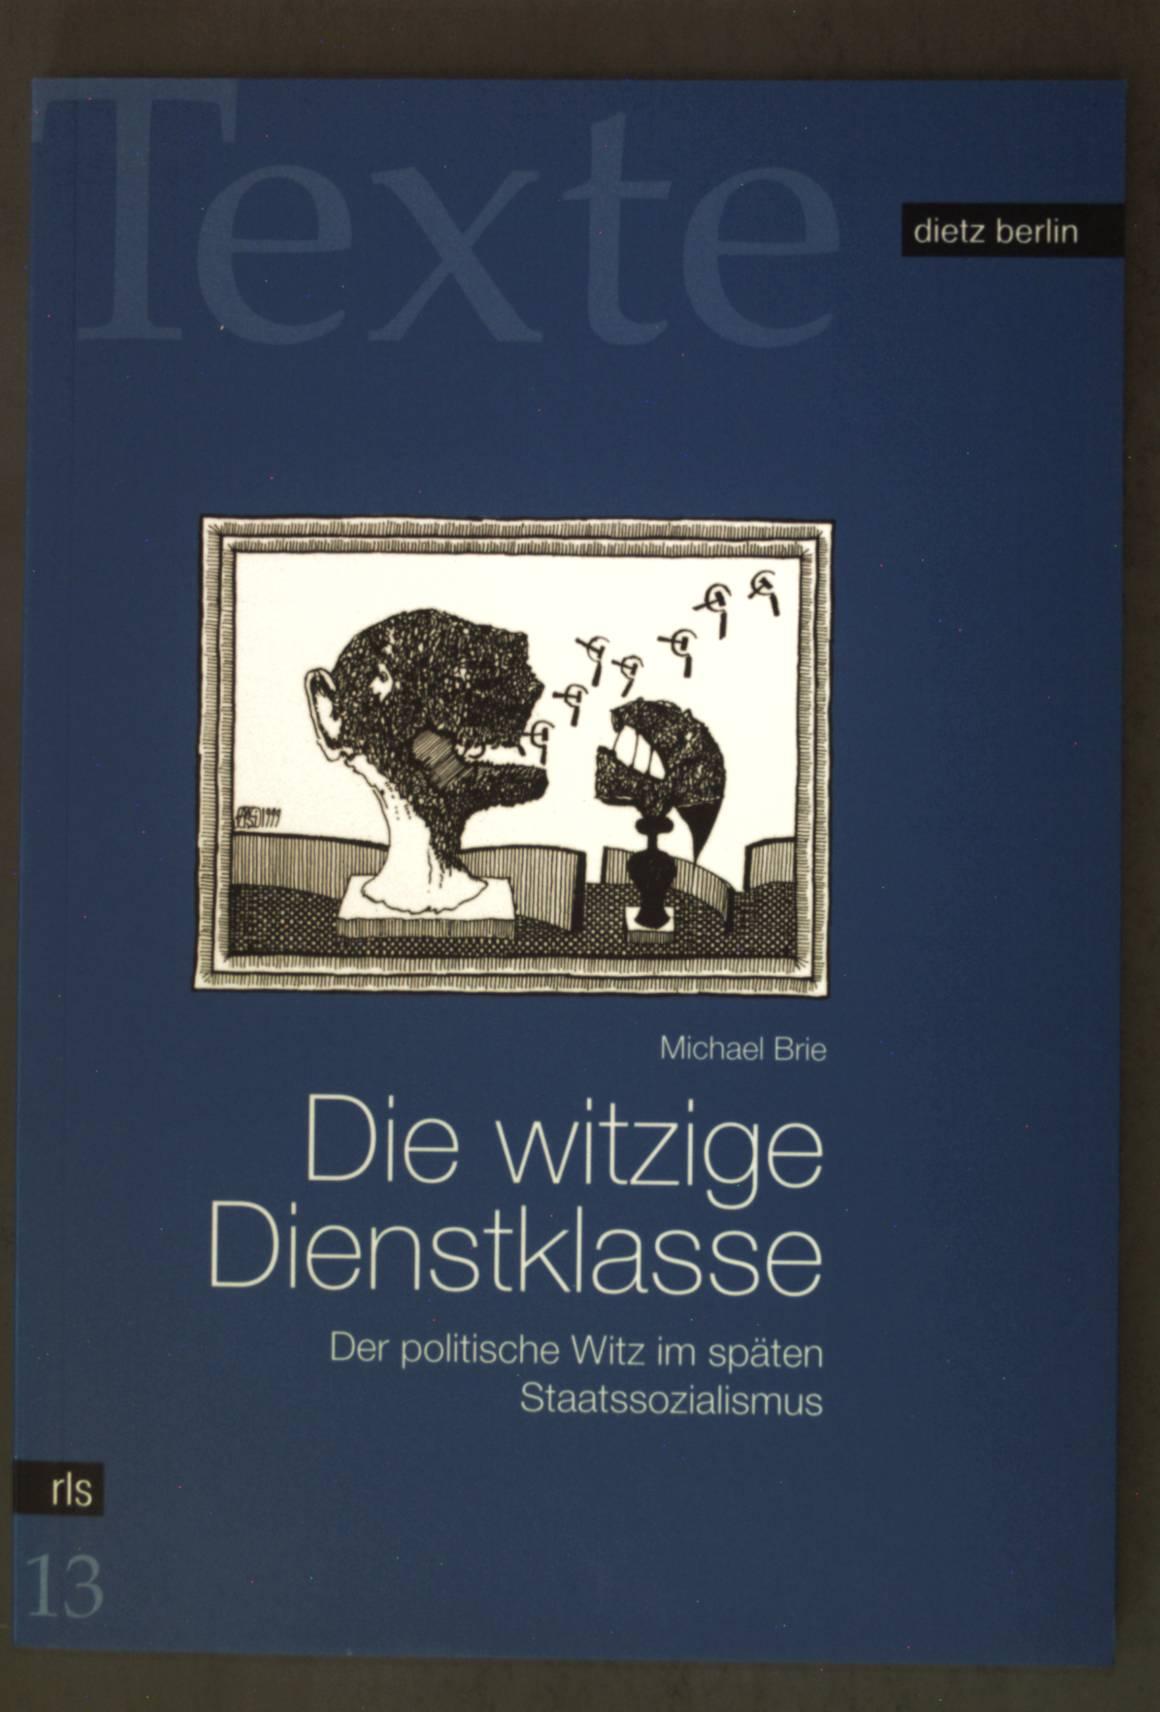 Die witzige Dienstklasse : der politische Witz im späten Staatssozialismus. Rosa-Luxemburg-Stiftung: Texte ; 13 - Brie, Michael